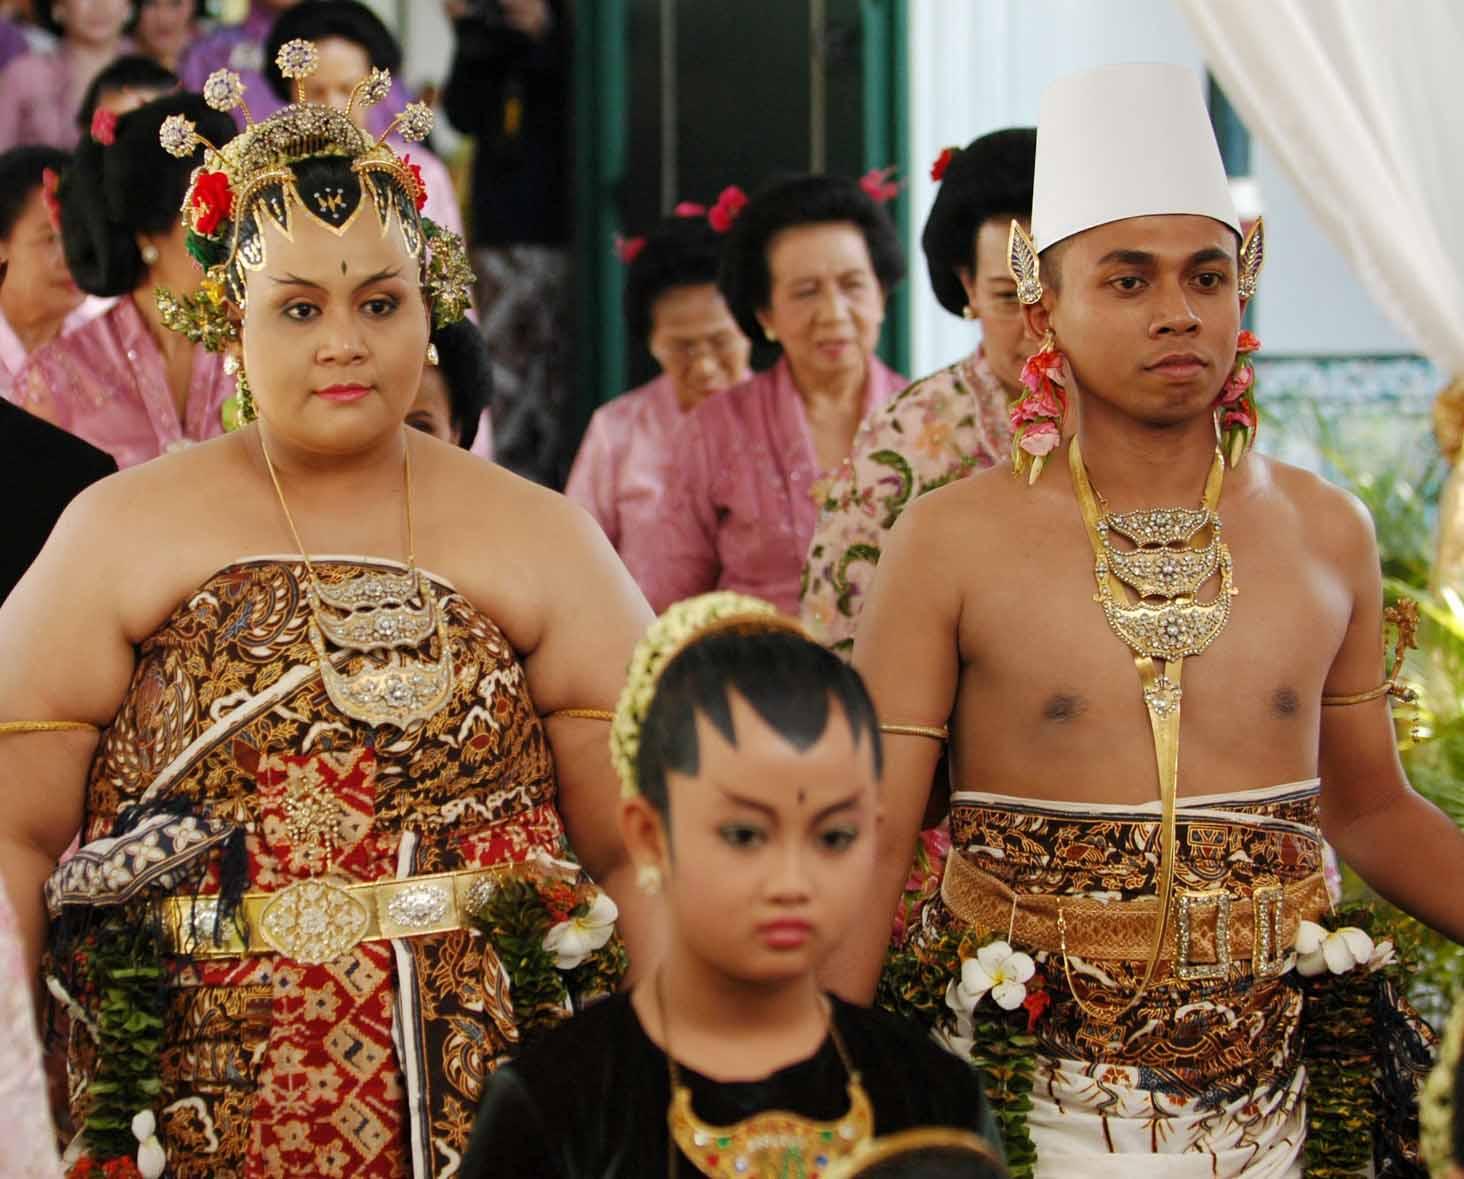 Pernikahan Adat Jawa Selly Dan Adit Di Yogyakarta: Upacara Pernikahan Kraton